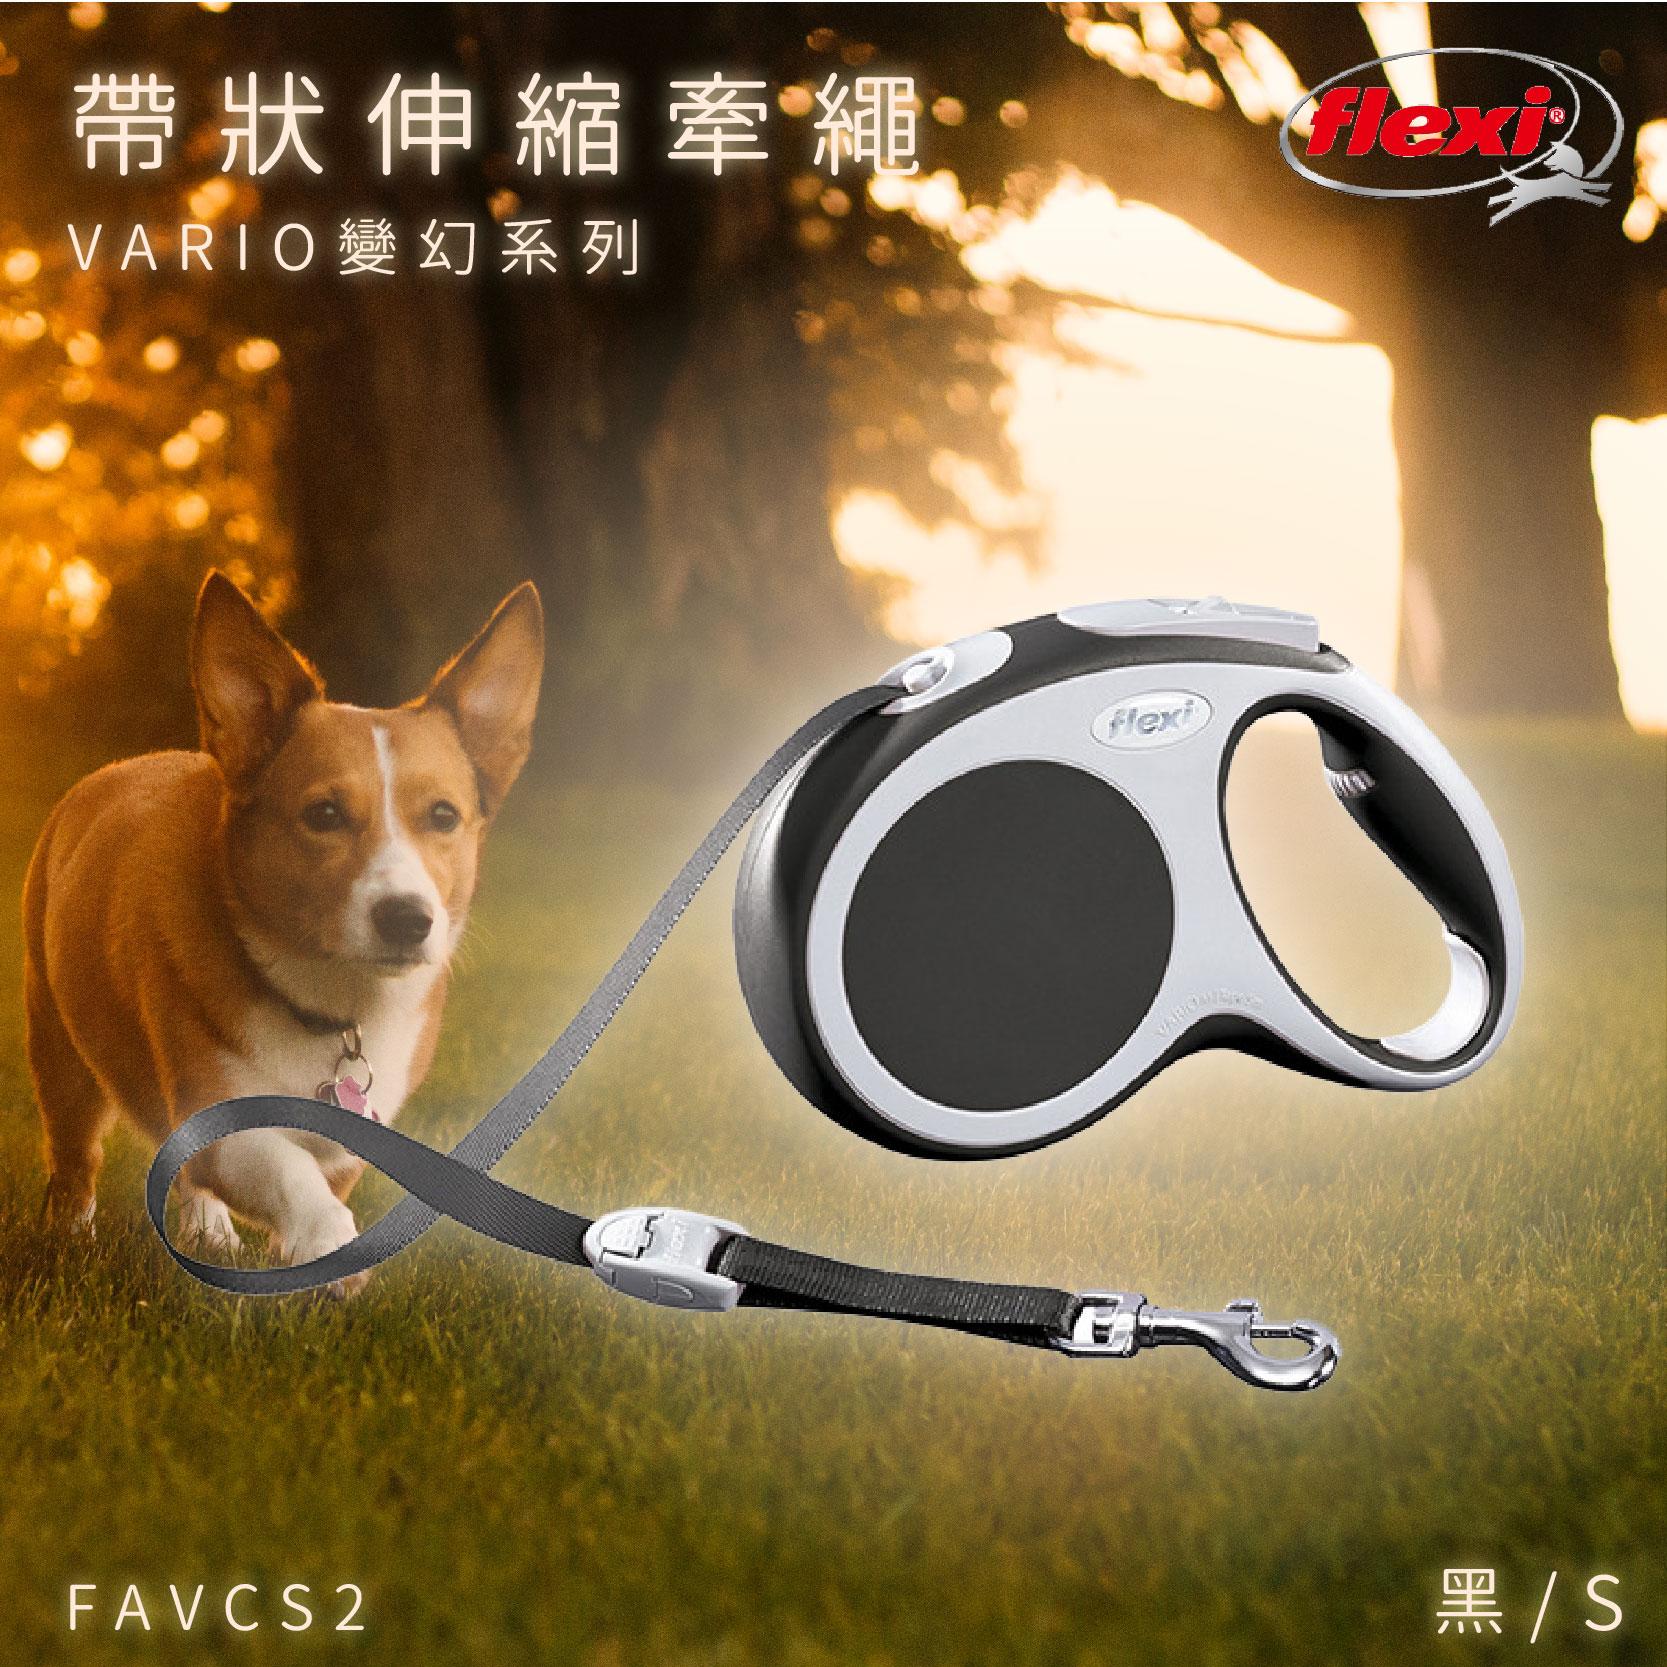 Flexi 帶狀寵物牽繩 黑S FAVCS2 變幻系列 舒適握把 狗貓 外出用品 寵物用品 寵物牽繩 德國製